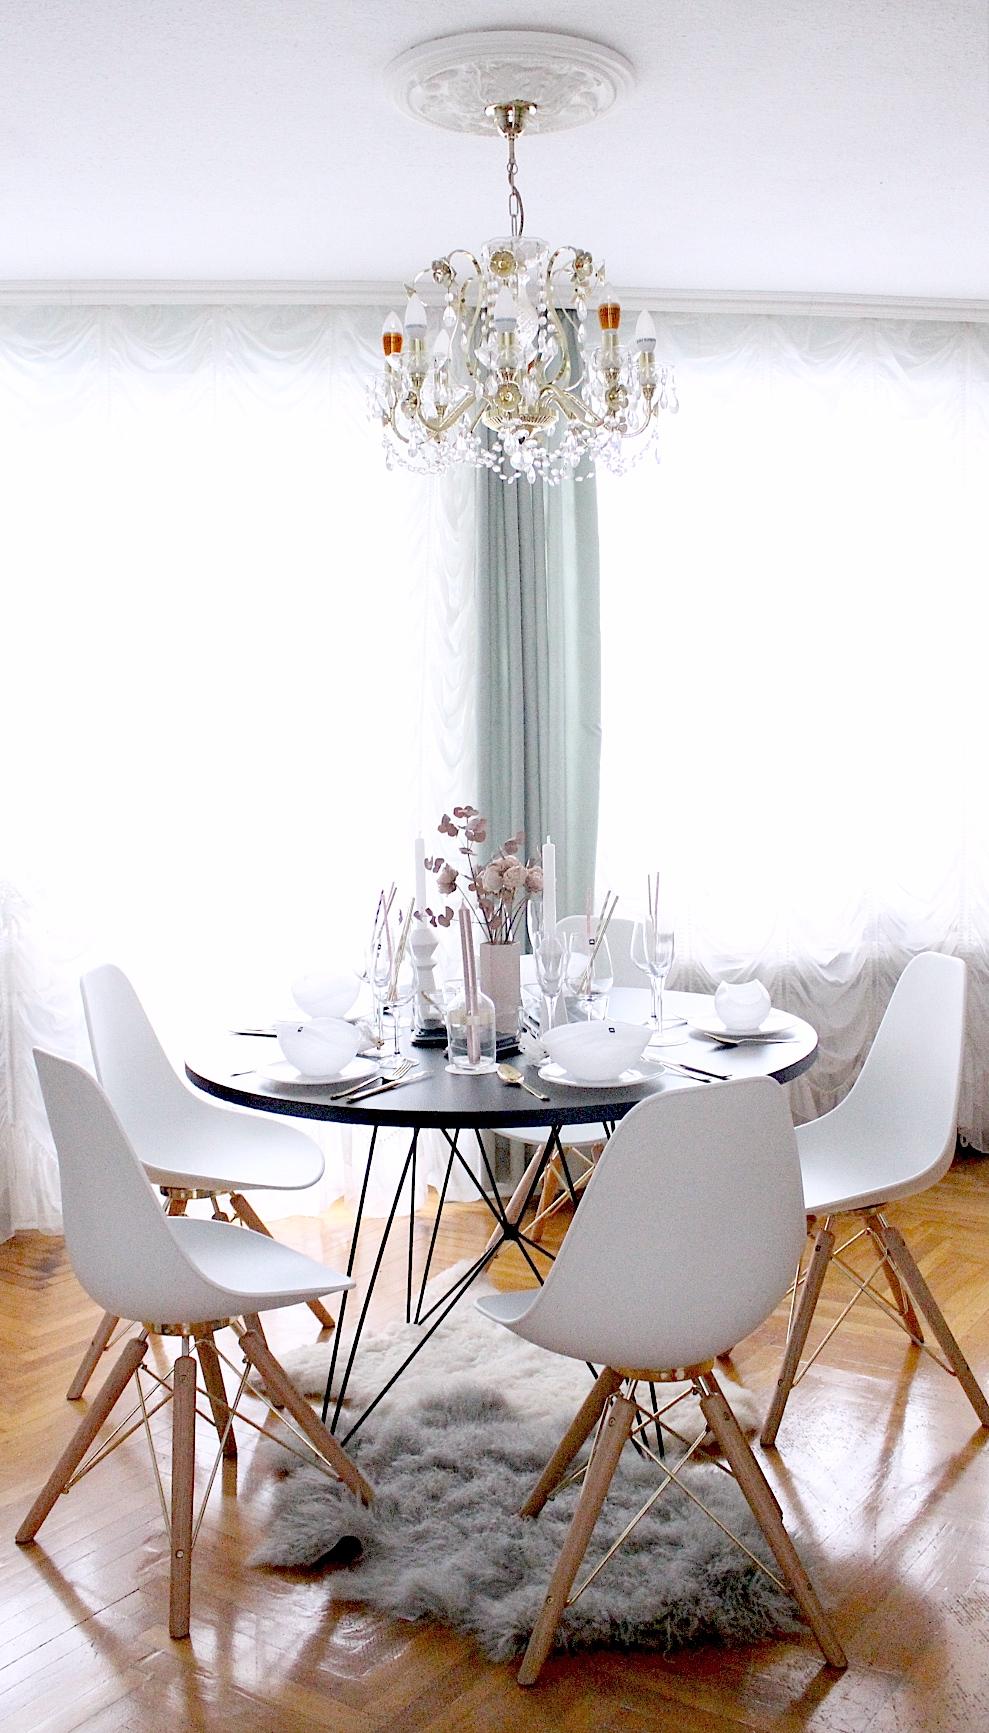 Interior Esszimmer Eames Stuhle Im Skandinavischen Esszimmer